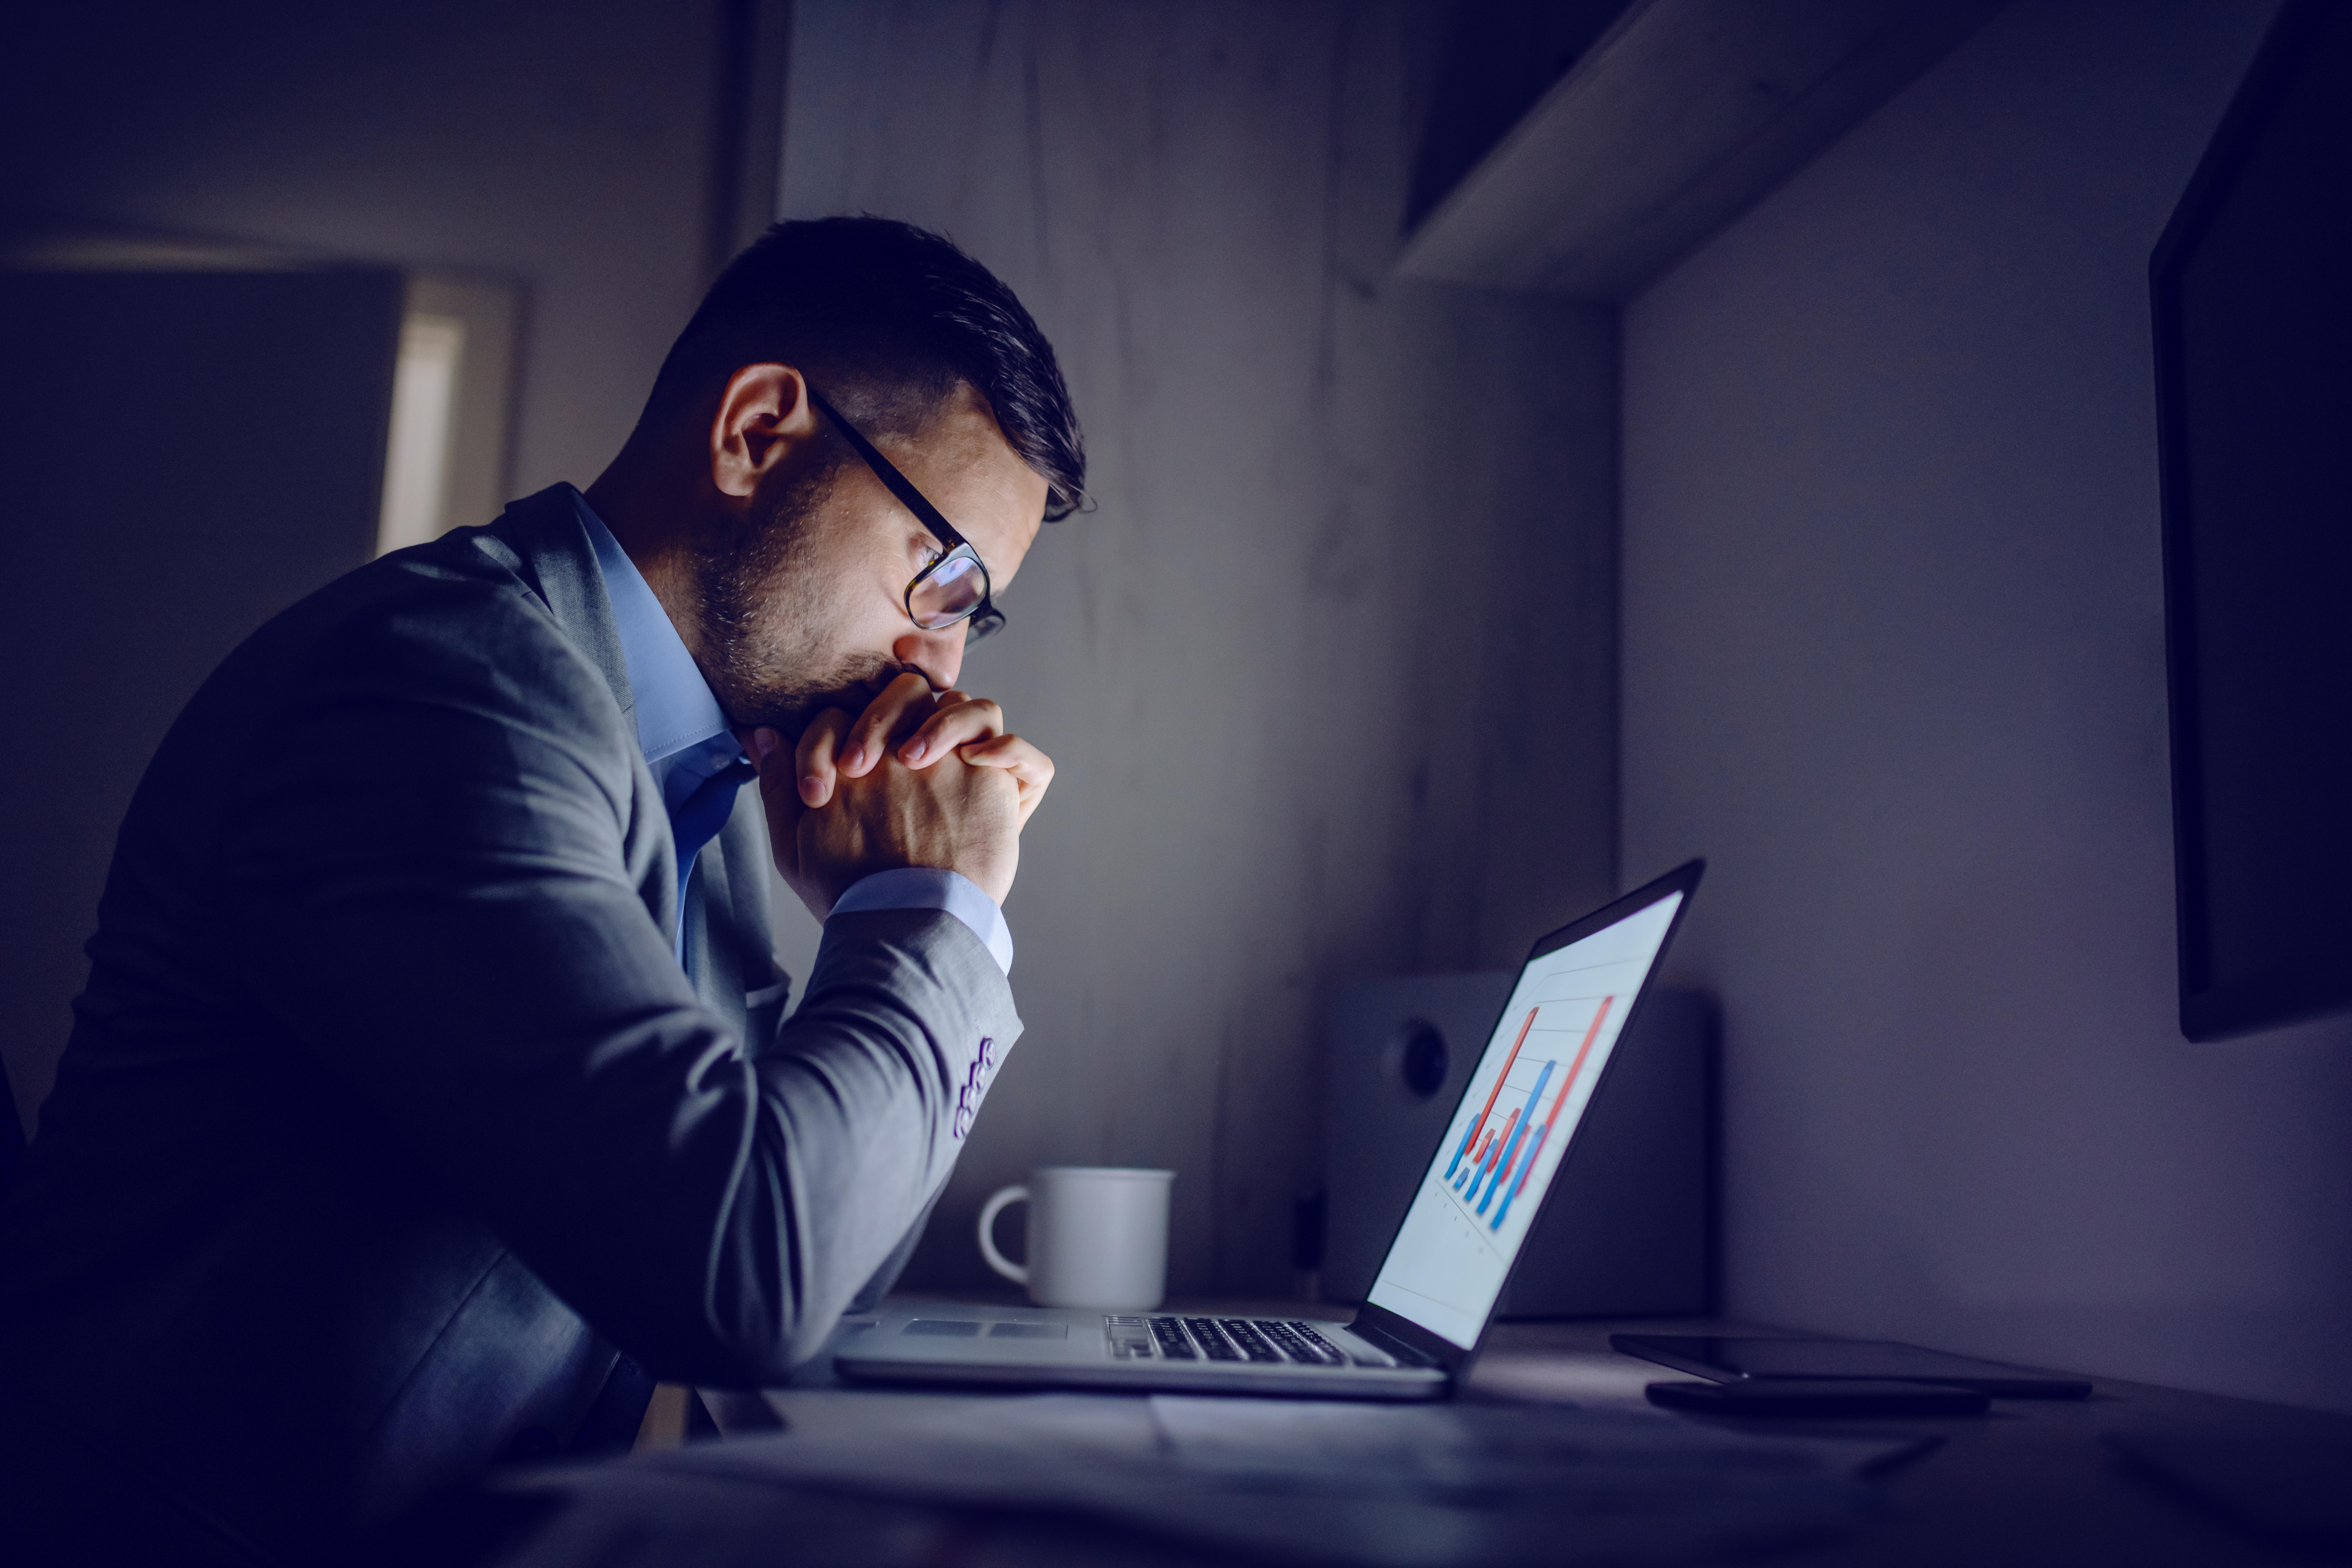 <p>Часовете след работно време Това може да бъде наистина сложен казус, тъй като в много случаи работата изисква извънредни часове. Разбира се срещу заплащане. Ако това обаче не е така или пък се случва твърде често, най-добре поговорете с шефа си. Човешкото тяло е способно да работи за определен период от време и редовното даване на извънредни часове също може да навреди на здравето на човека.</p>